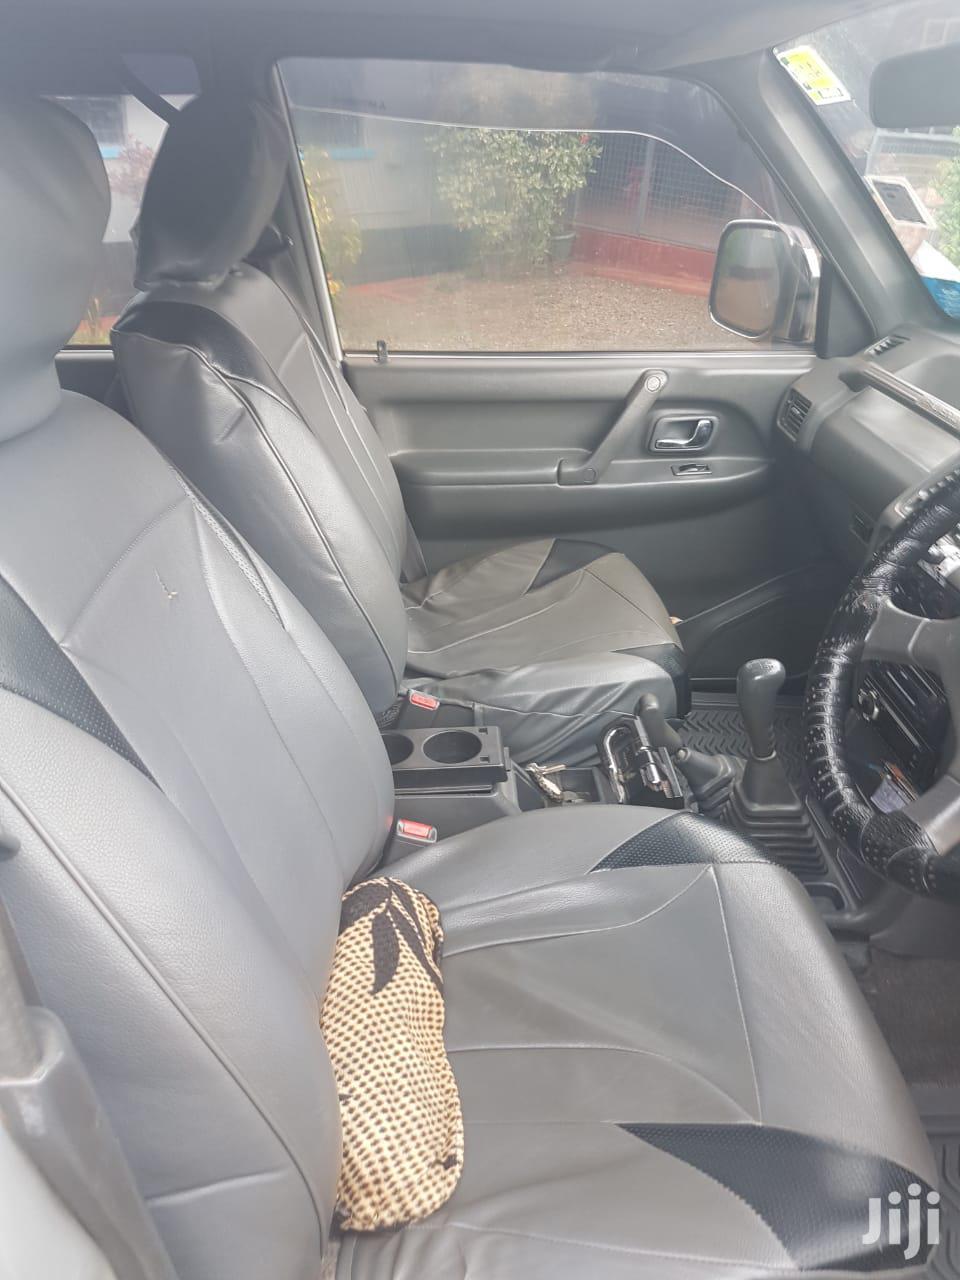 Archive: Mitsubishi Pajero 1997 Beige